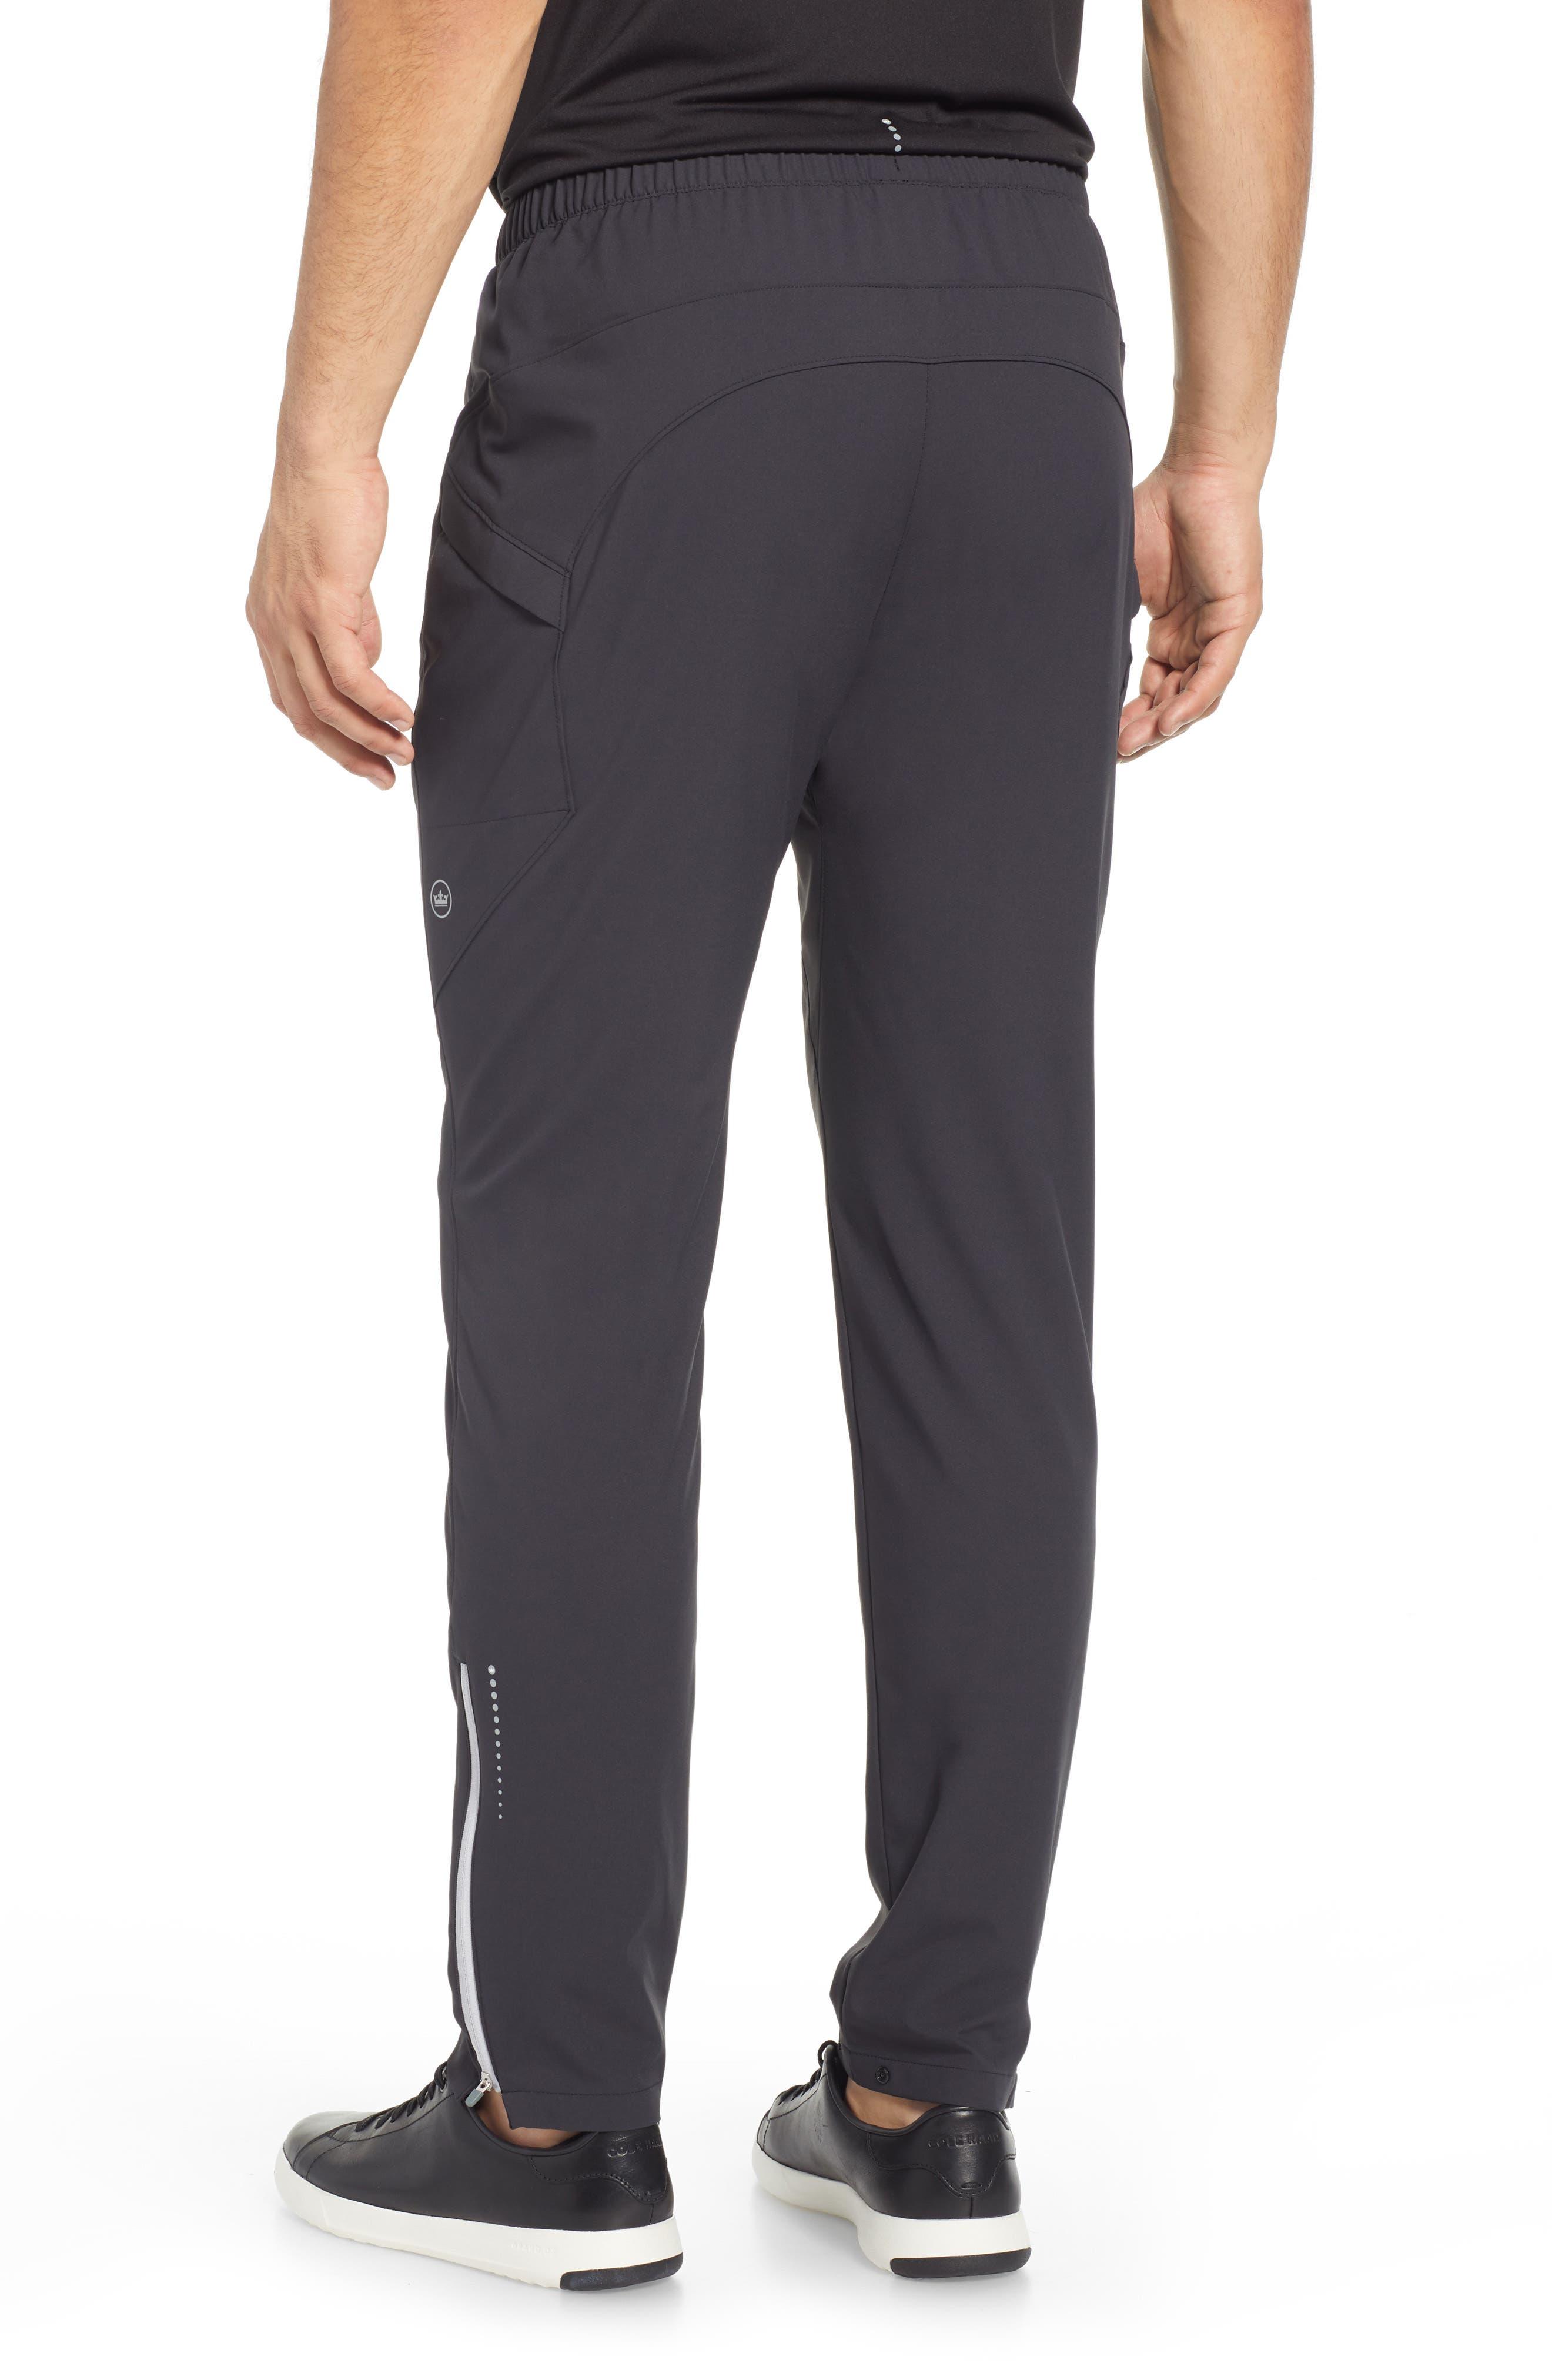 Vancouver Workout Pants,                             Alternate thumbnail 2, color,                             BLACK